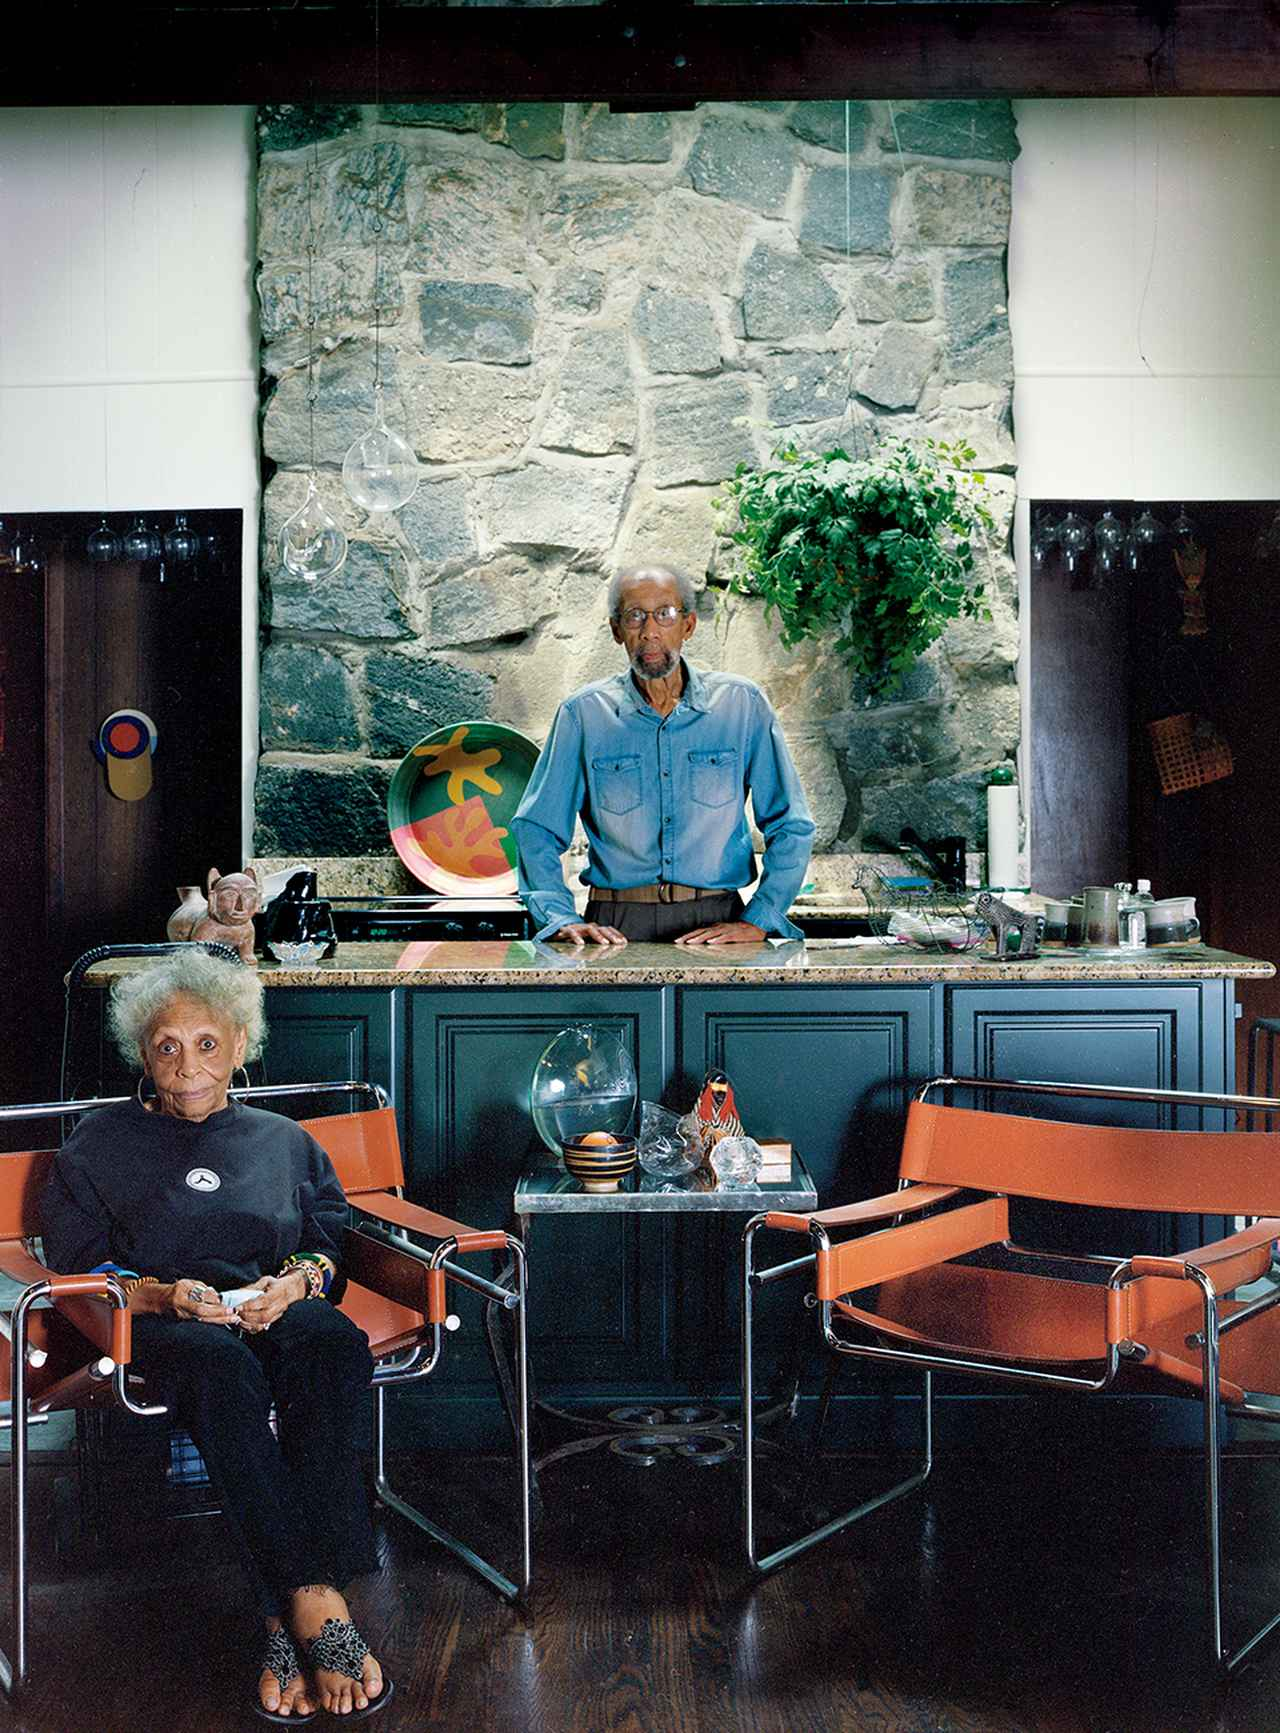 Images : 1番目の画像 - 「黒人コミュニティをつくりあげた 家族たちのパイオニア・スピリット」のアルバム - T JAPAN:The New York Times Style Magazine 公式サイト